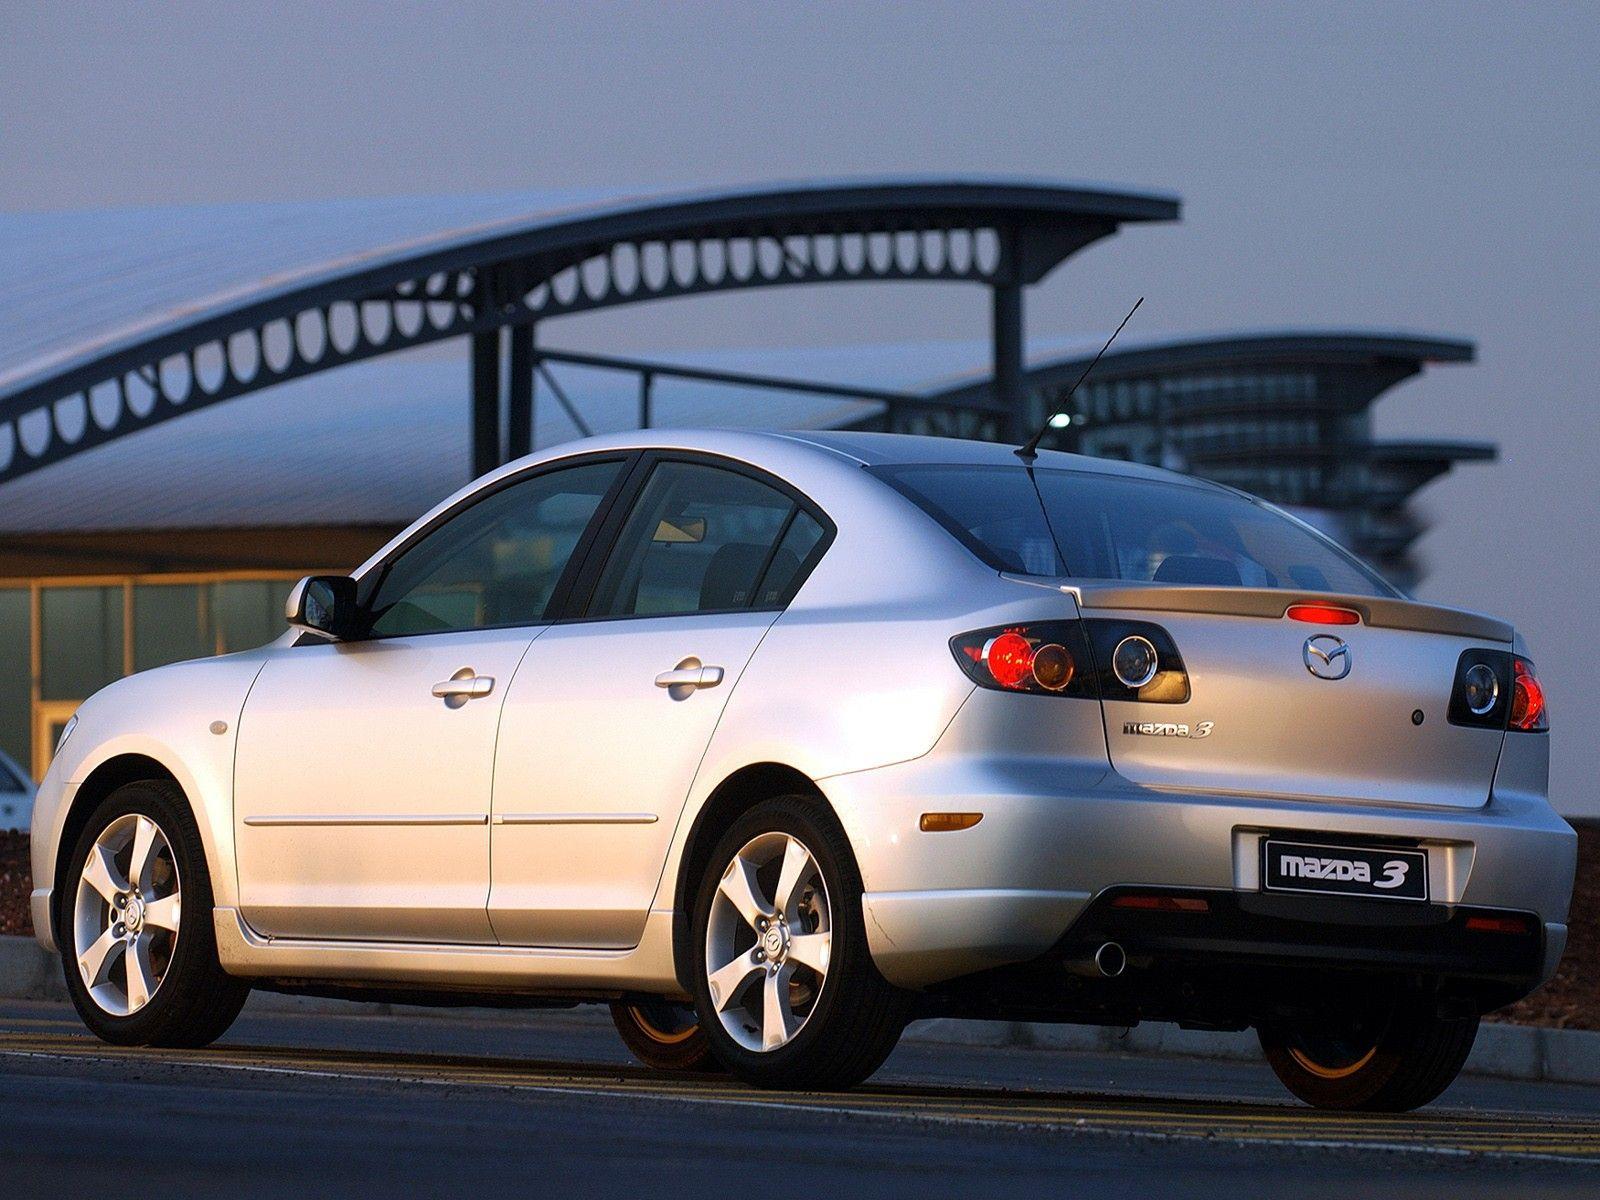 Kekurangan Mazda 3 2003 Top Model Tahun Ini